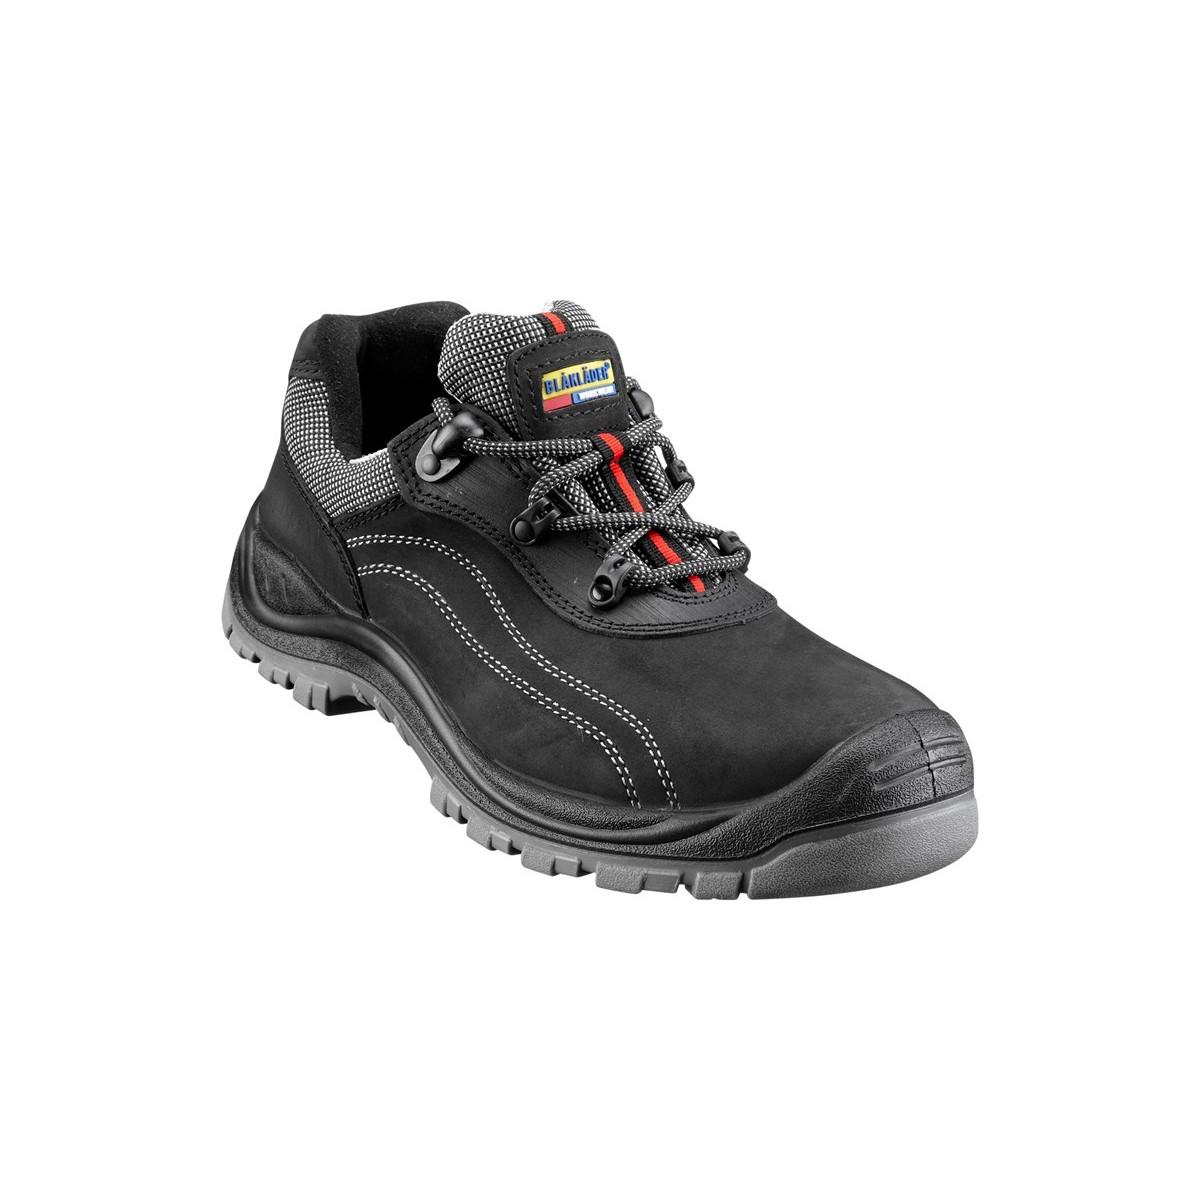 chaussures de s curit basse blaklader embout large. Black Bedroom Furniture Sets. Home Design Ideas